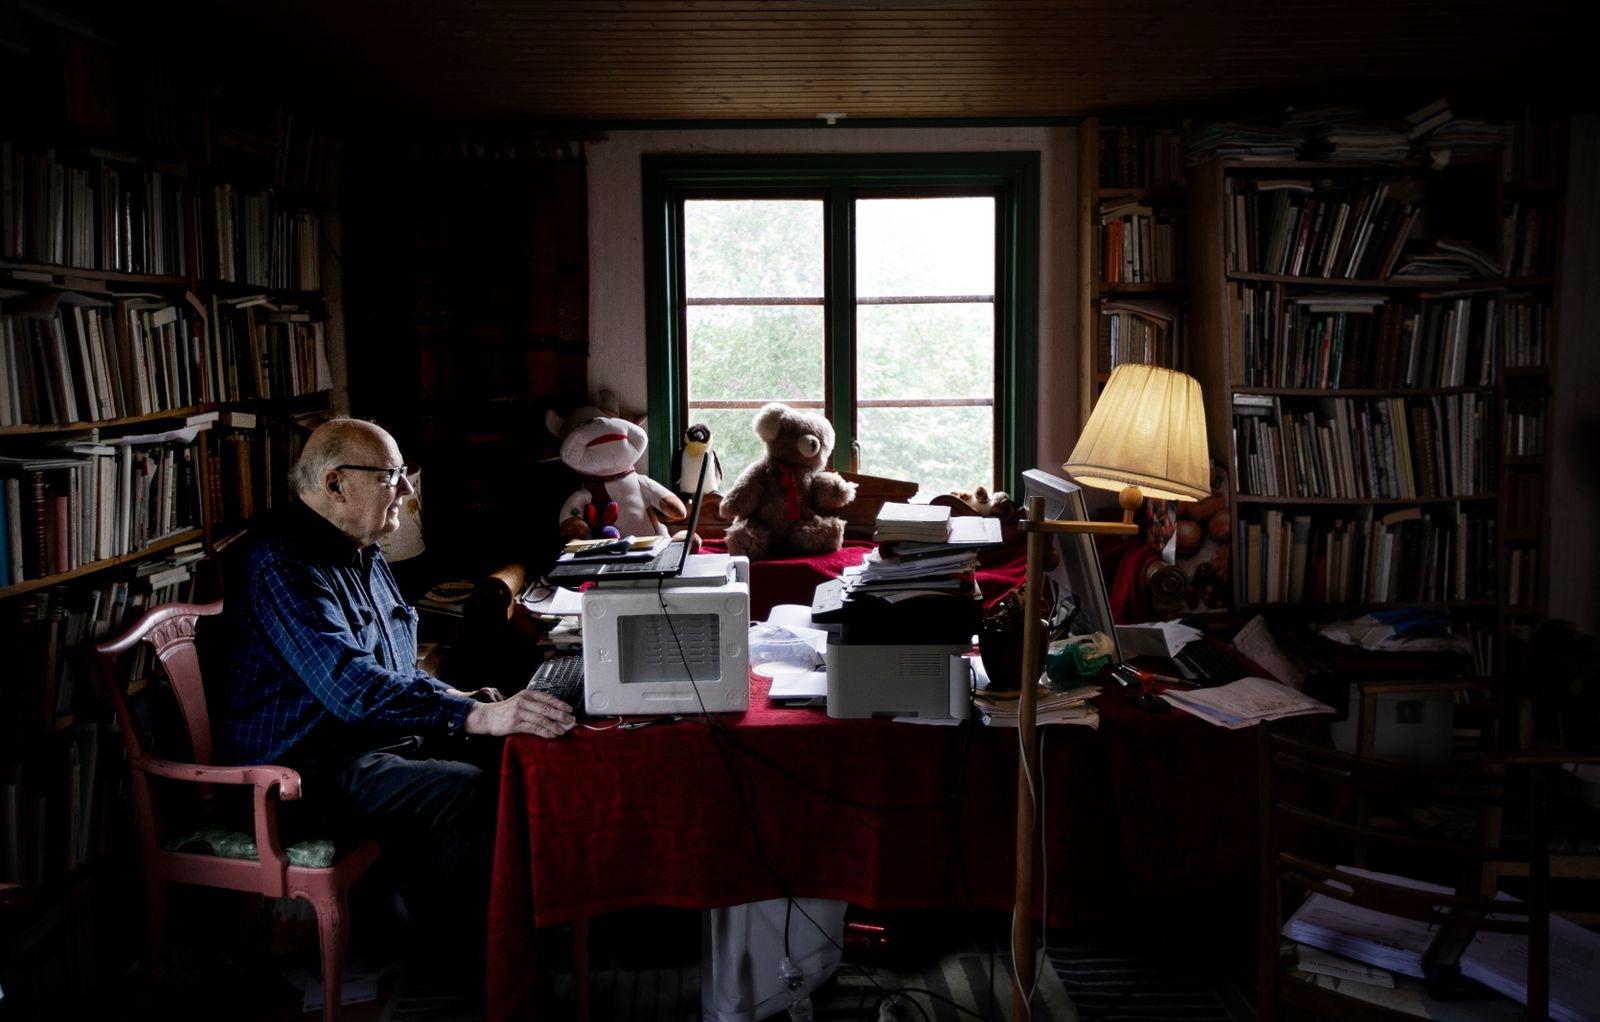 """Vardagsrummet är fullt av böcker från golv till tak. """"Jag är så gammal så jag är expert på allting"""", säger Anders Marell med ett leende."""